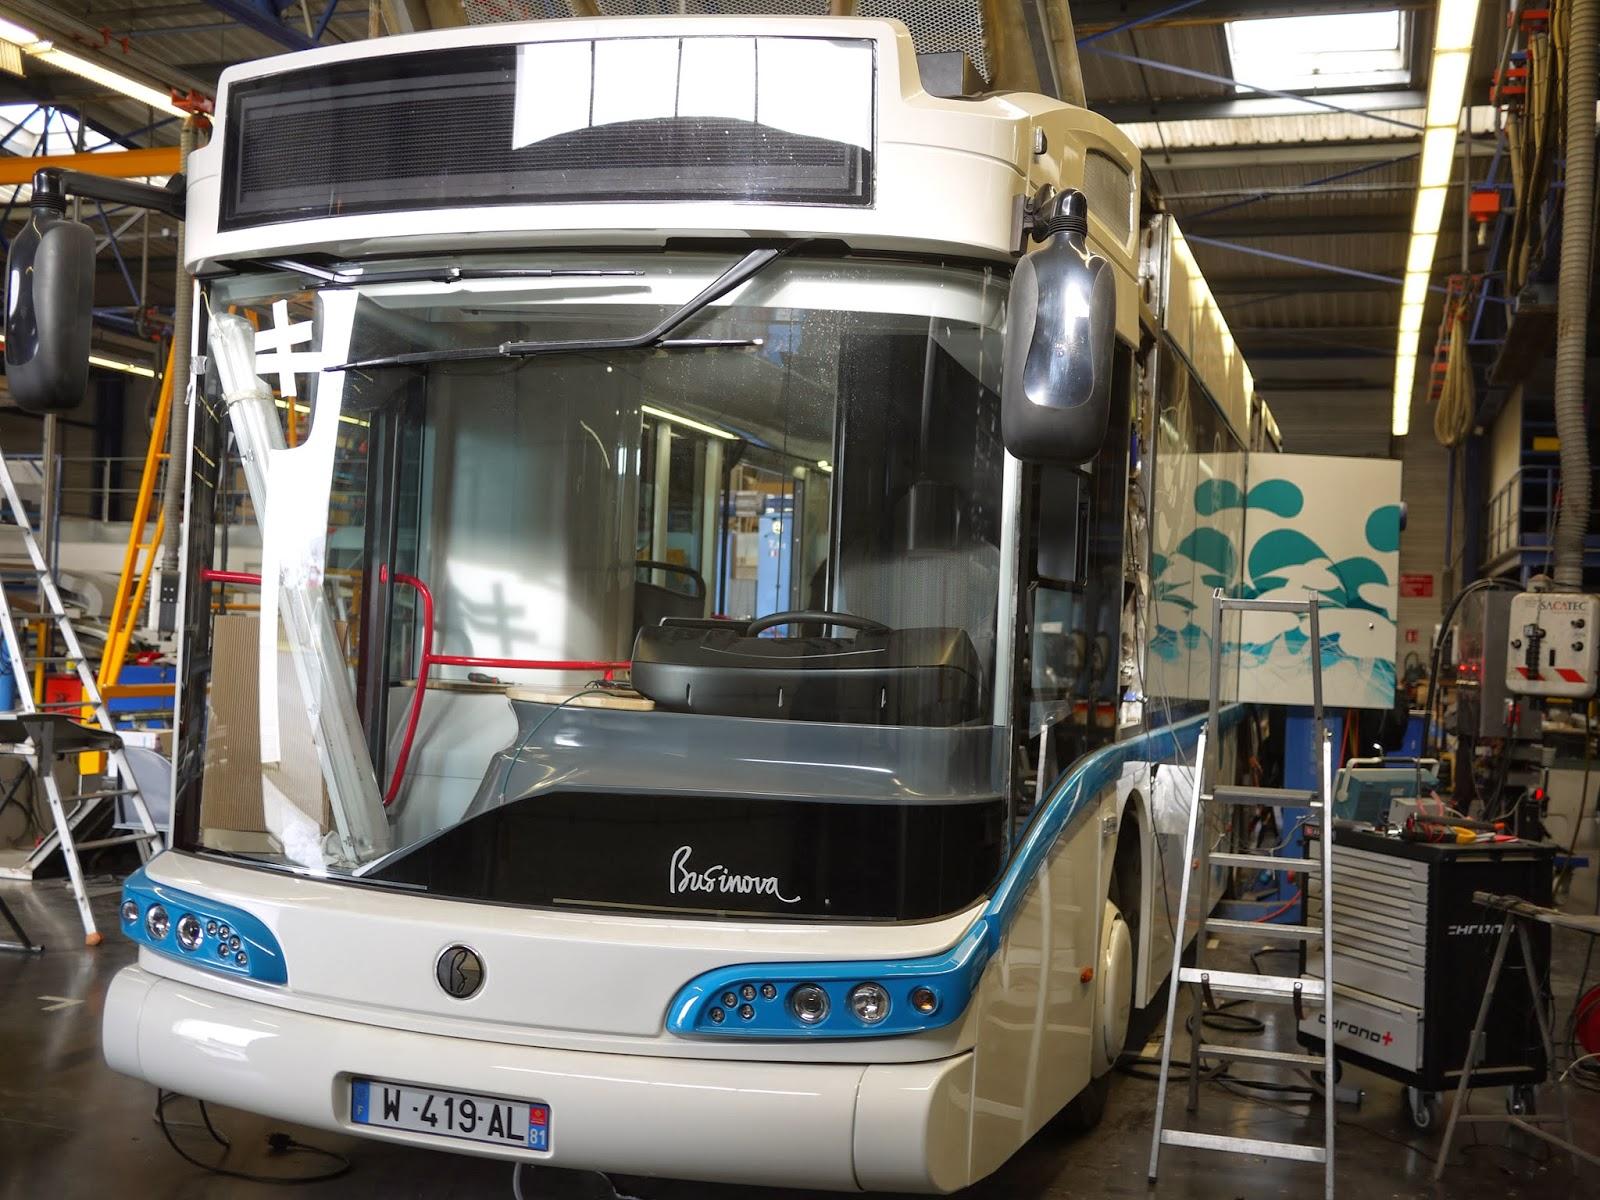 bus Inova Safra Albi